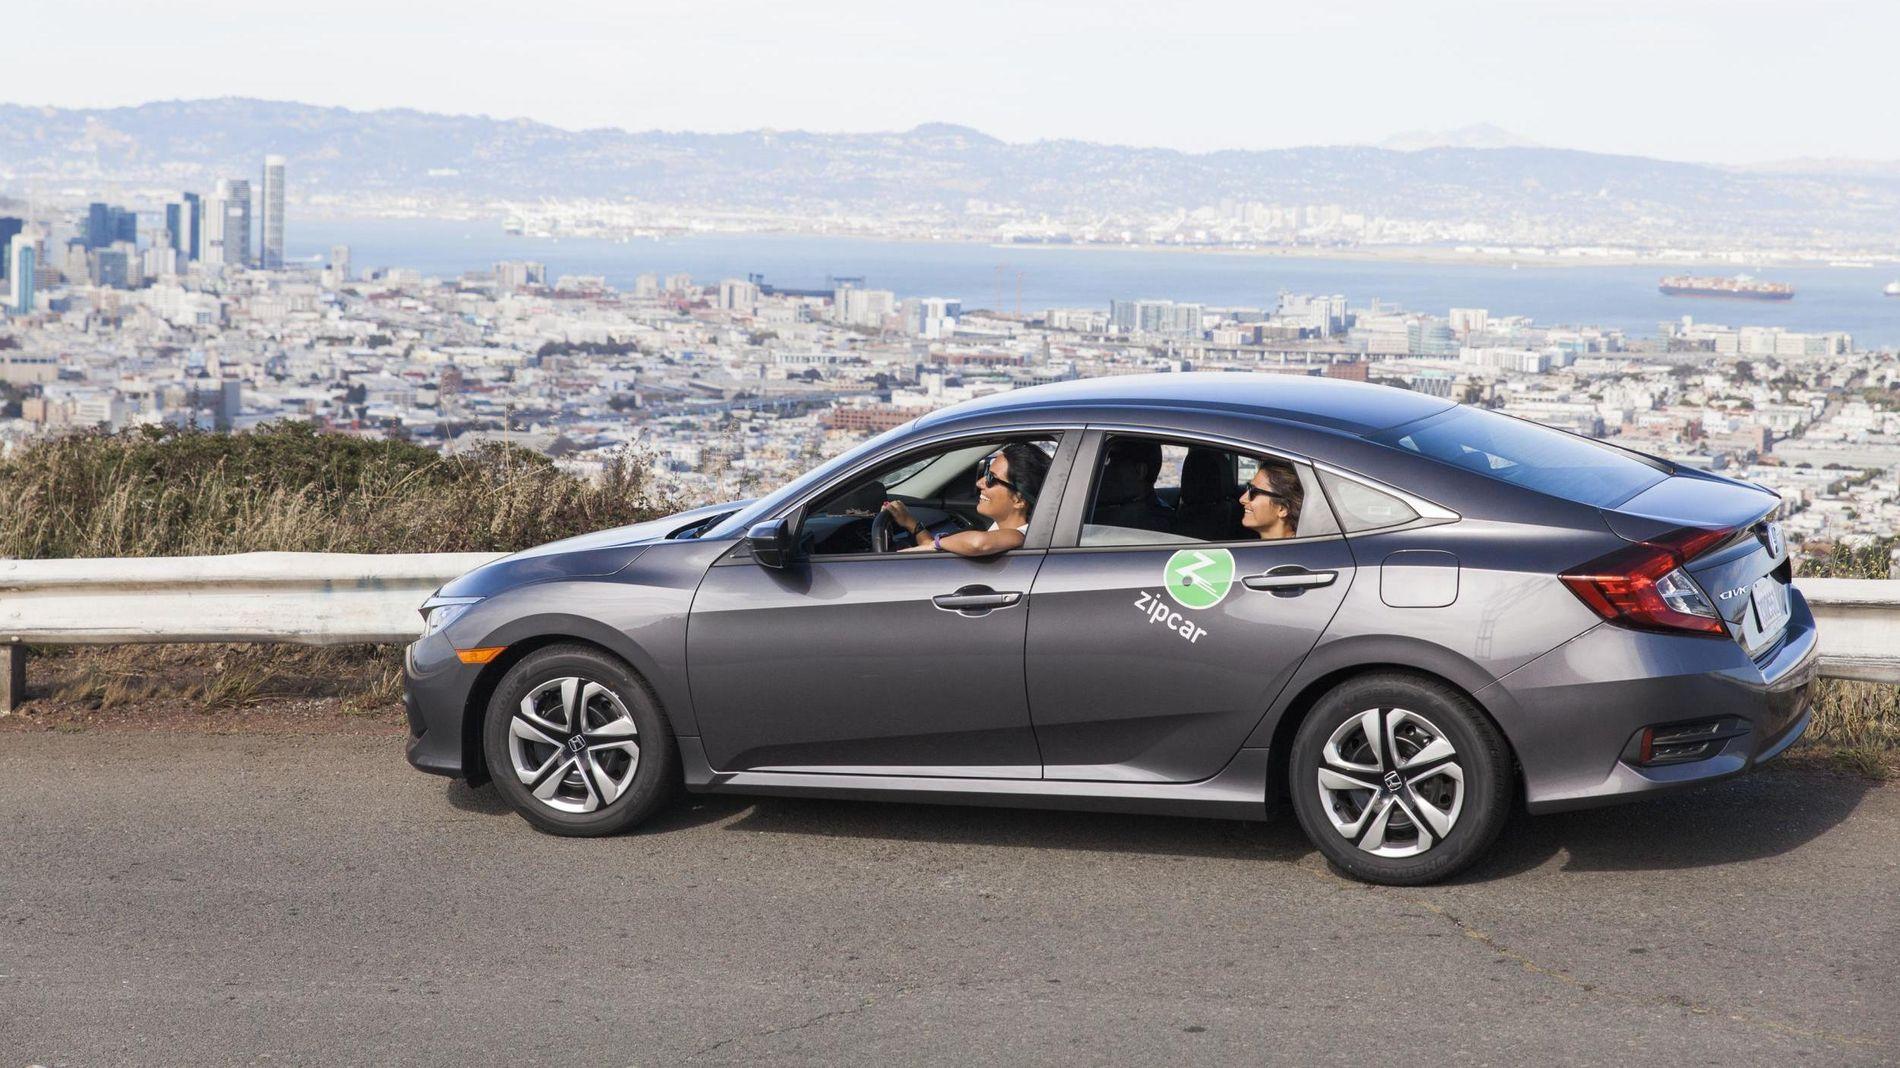 LANSERER: Zipcar har drevet i USA i nesten 20 år – nå starter de opp i Norge.